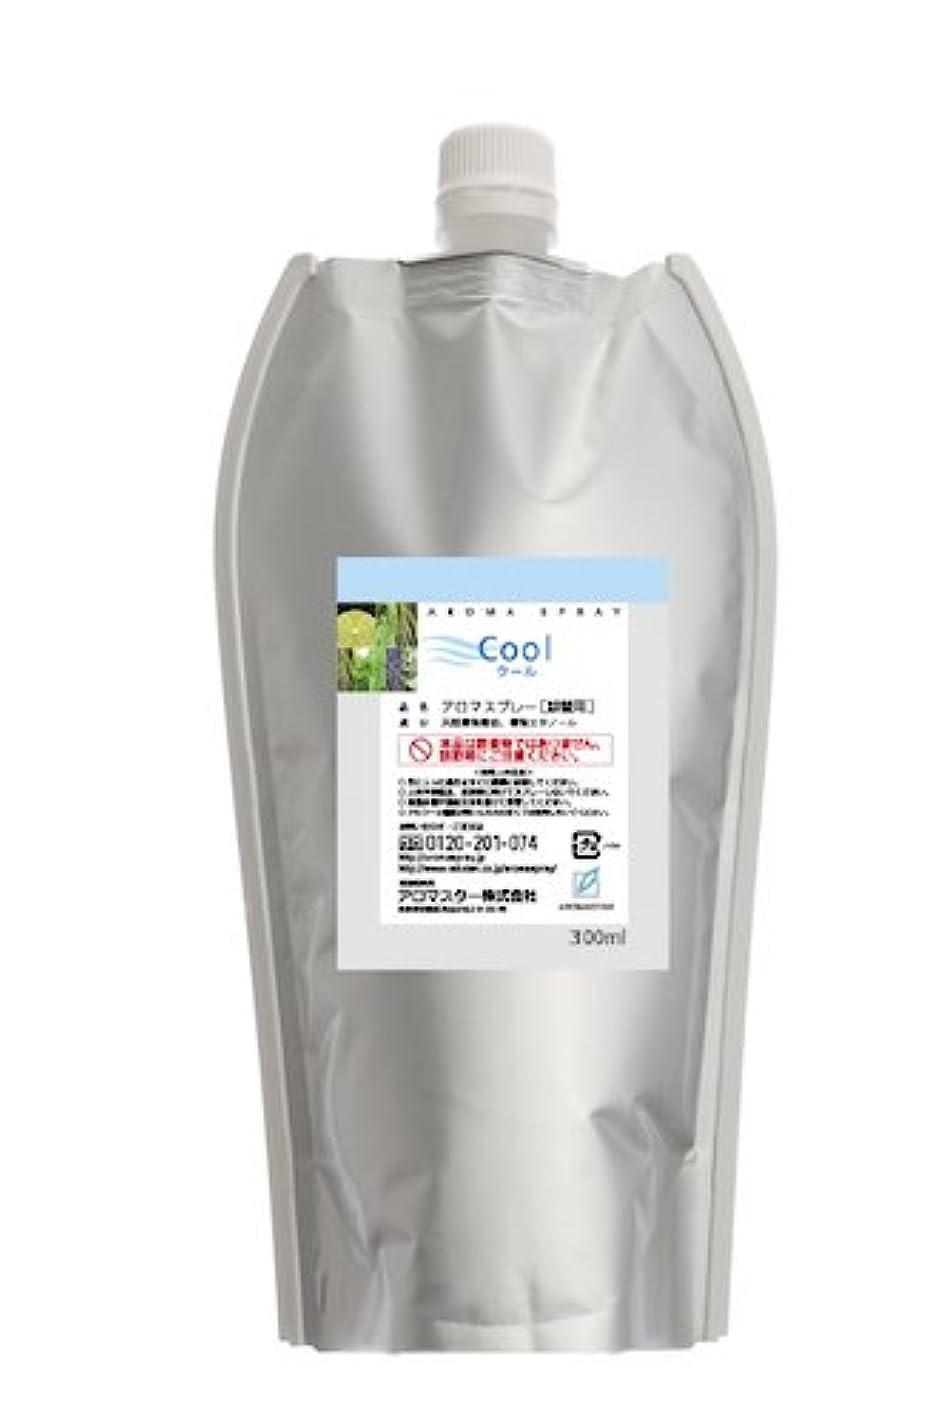 ヒョウバリーエステートAROMASTAR(アロマスター) アロマスプレー クール 300ml詰替用(エコパック)